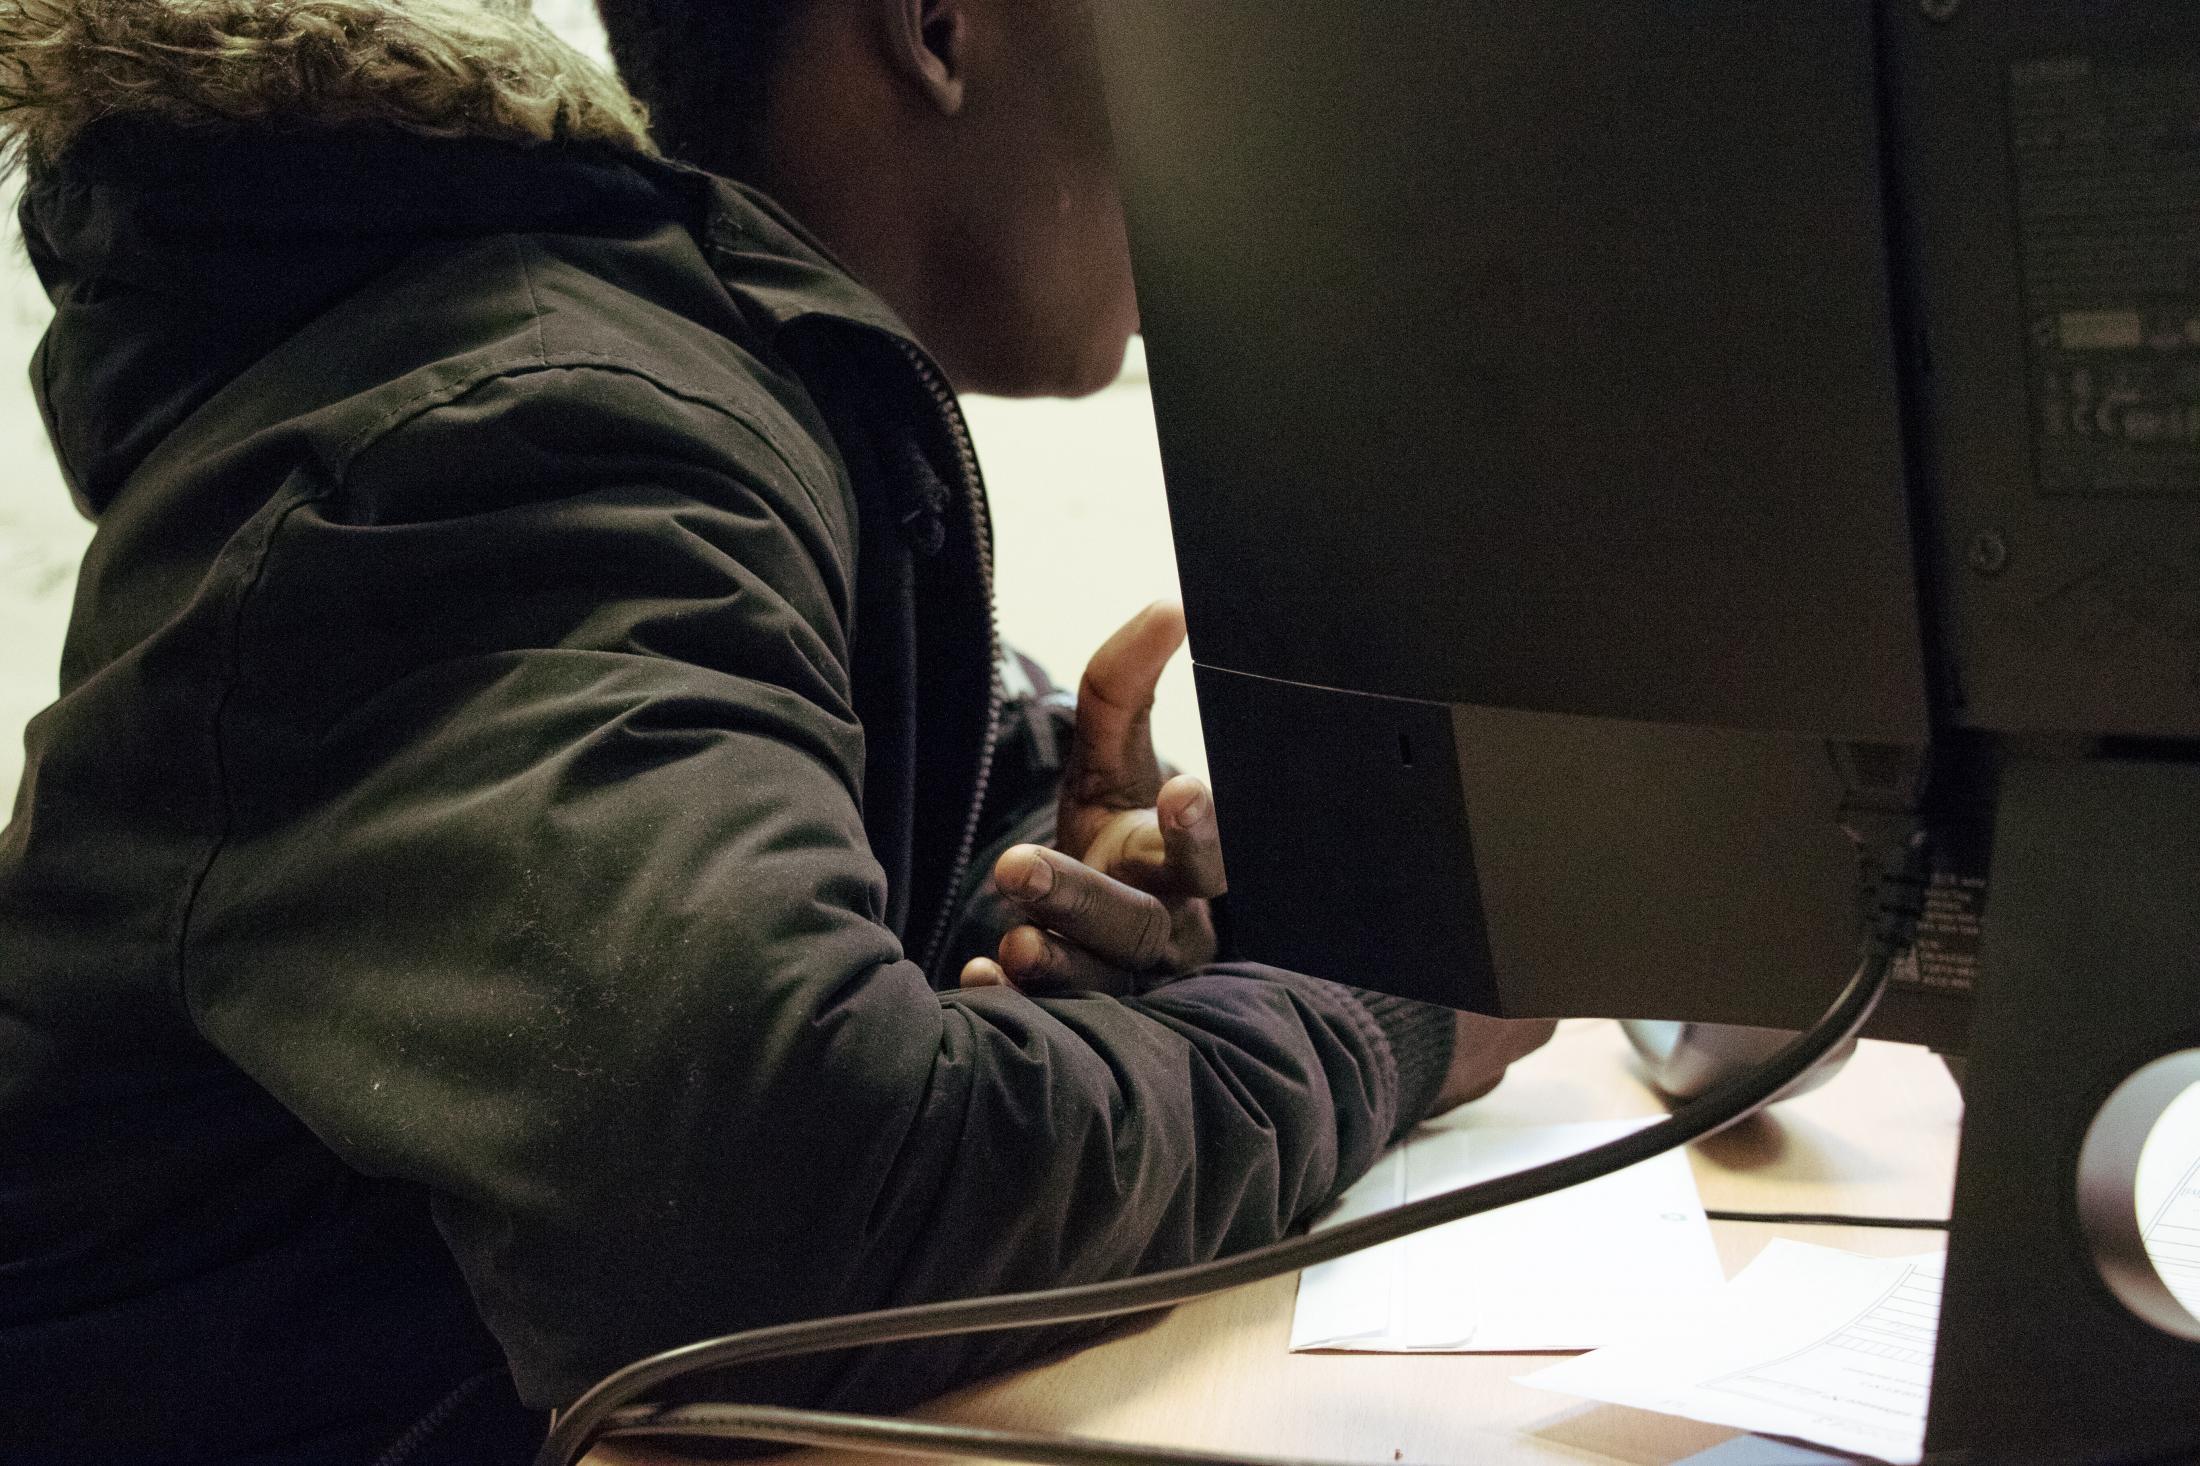 Dans le bureau, Dramane répond aux questions de l'évaluatrice. Le questionnaire, construit conjointement par la Croix Rouge et l'Aide Sociale à l'Enfance, porte sur la famille, le parcours migratoire, la scolarité, les projets. Dramane explique avoir rejoint l'Espagne depuis le Maroc par la mer. Sans parcours scolaire, il aurait quitté le Mali pour des raisons économiques.